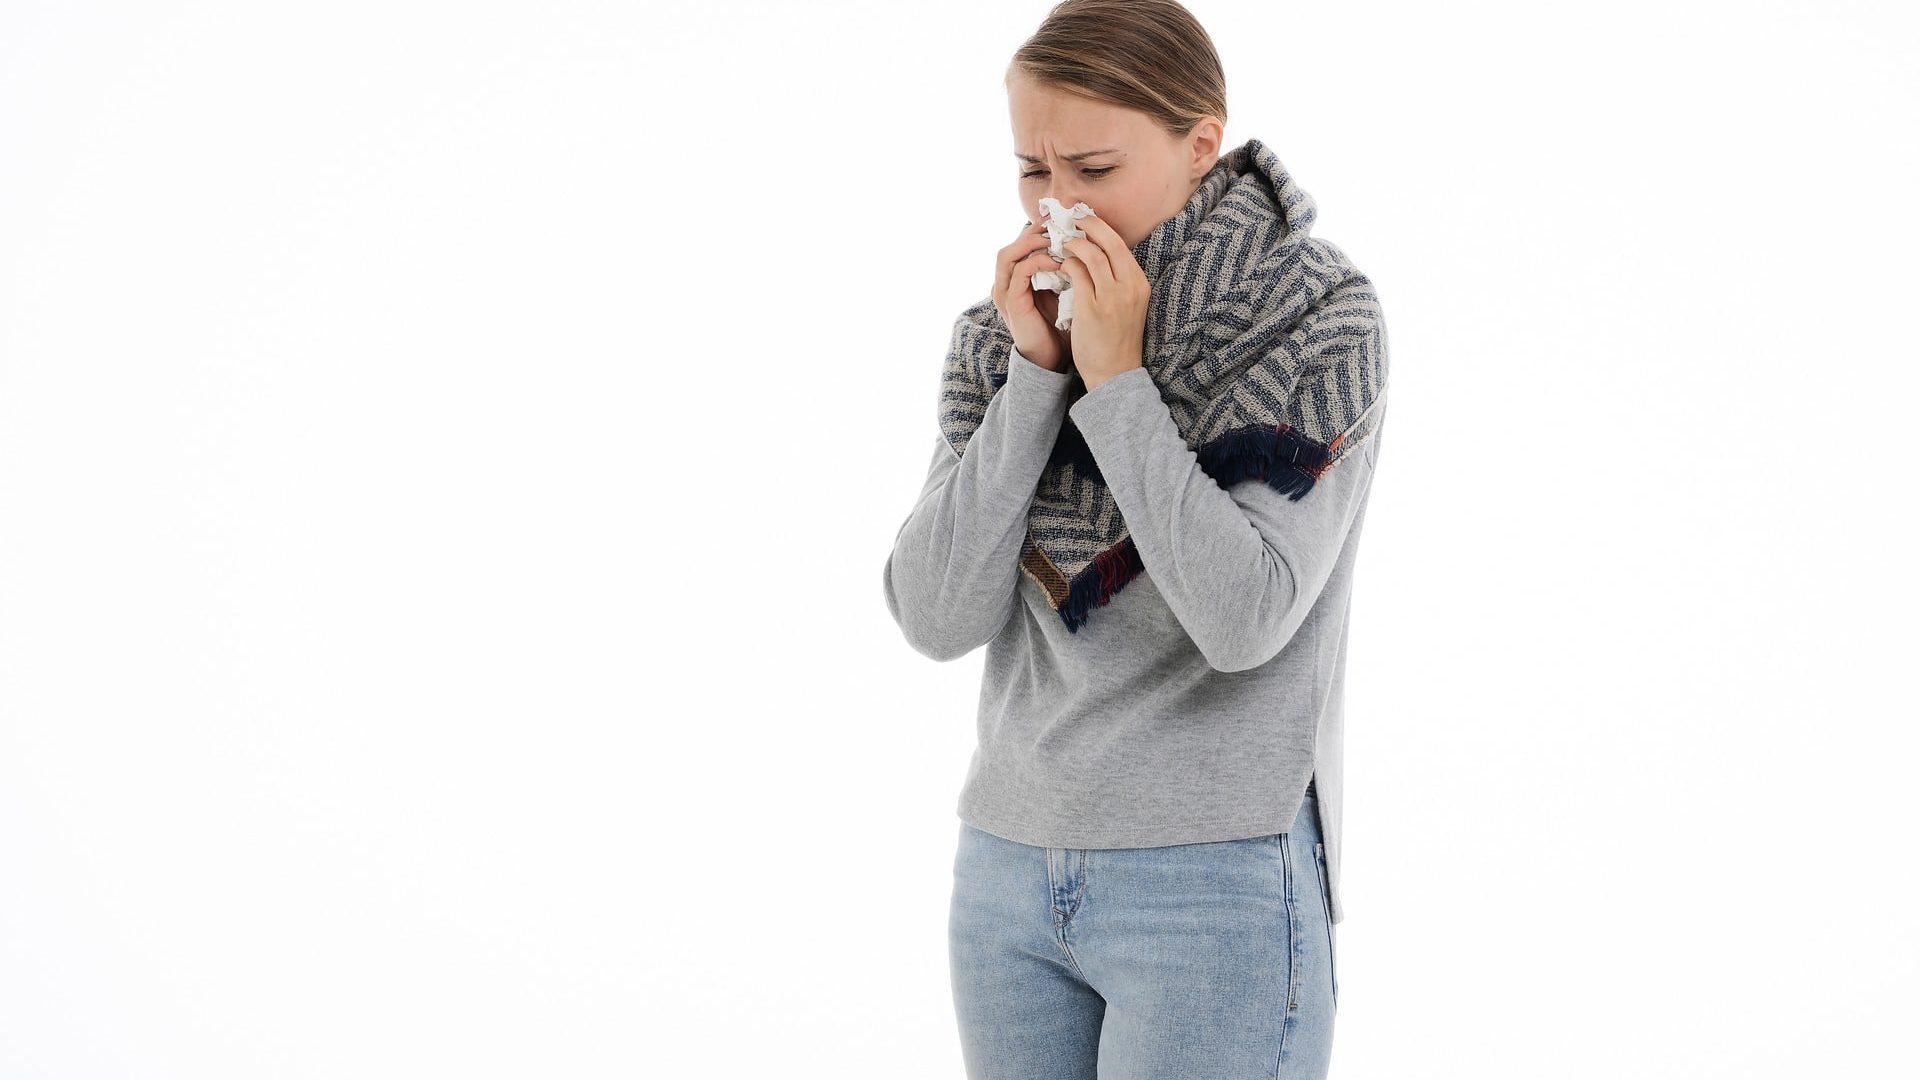 Geste 4 : quand on est atteint par les virus de l'hiver : porter un masque